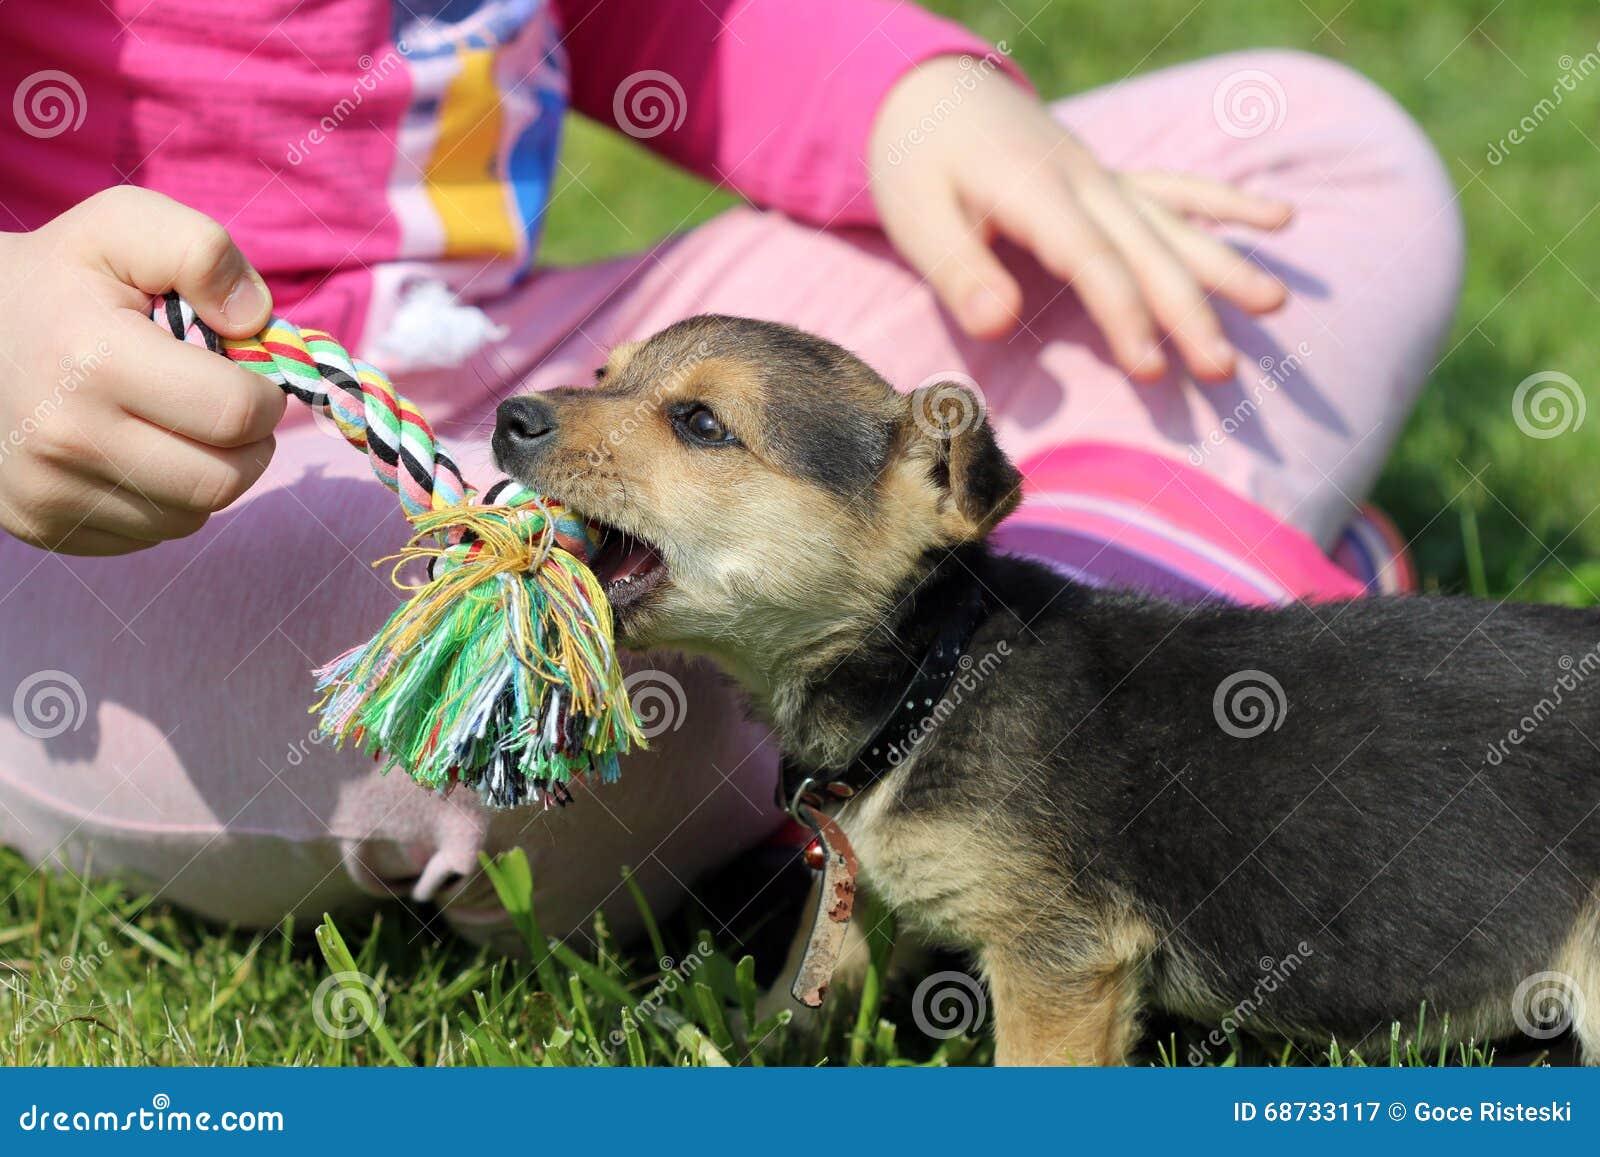 Welpe und Kinderspiel mit Seil